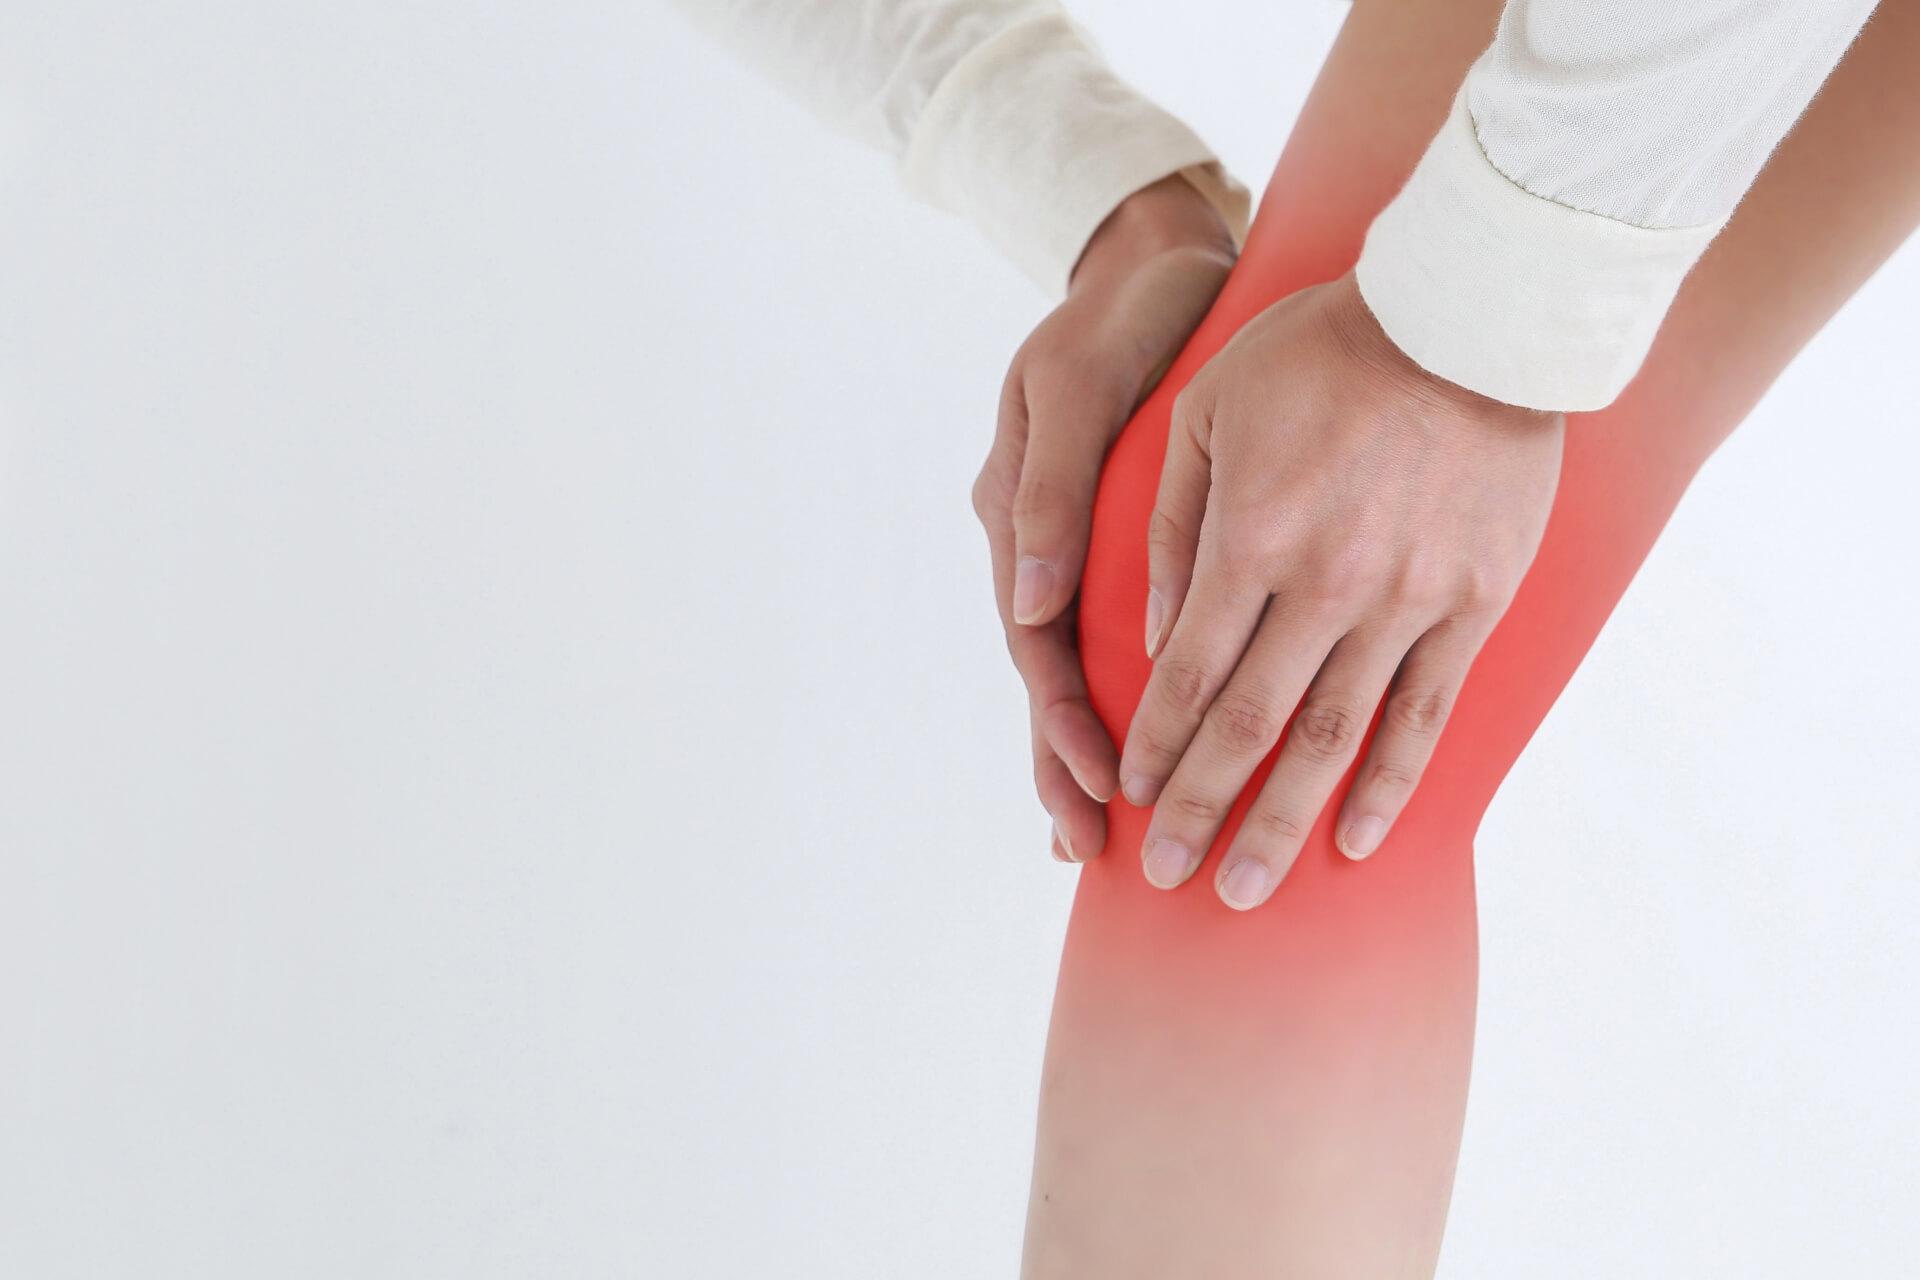 変形性股関節症と膝の痛み